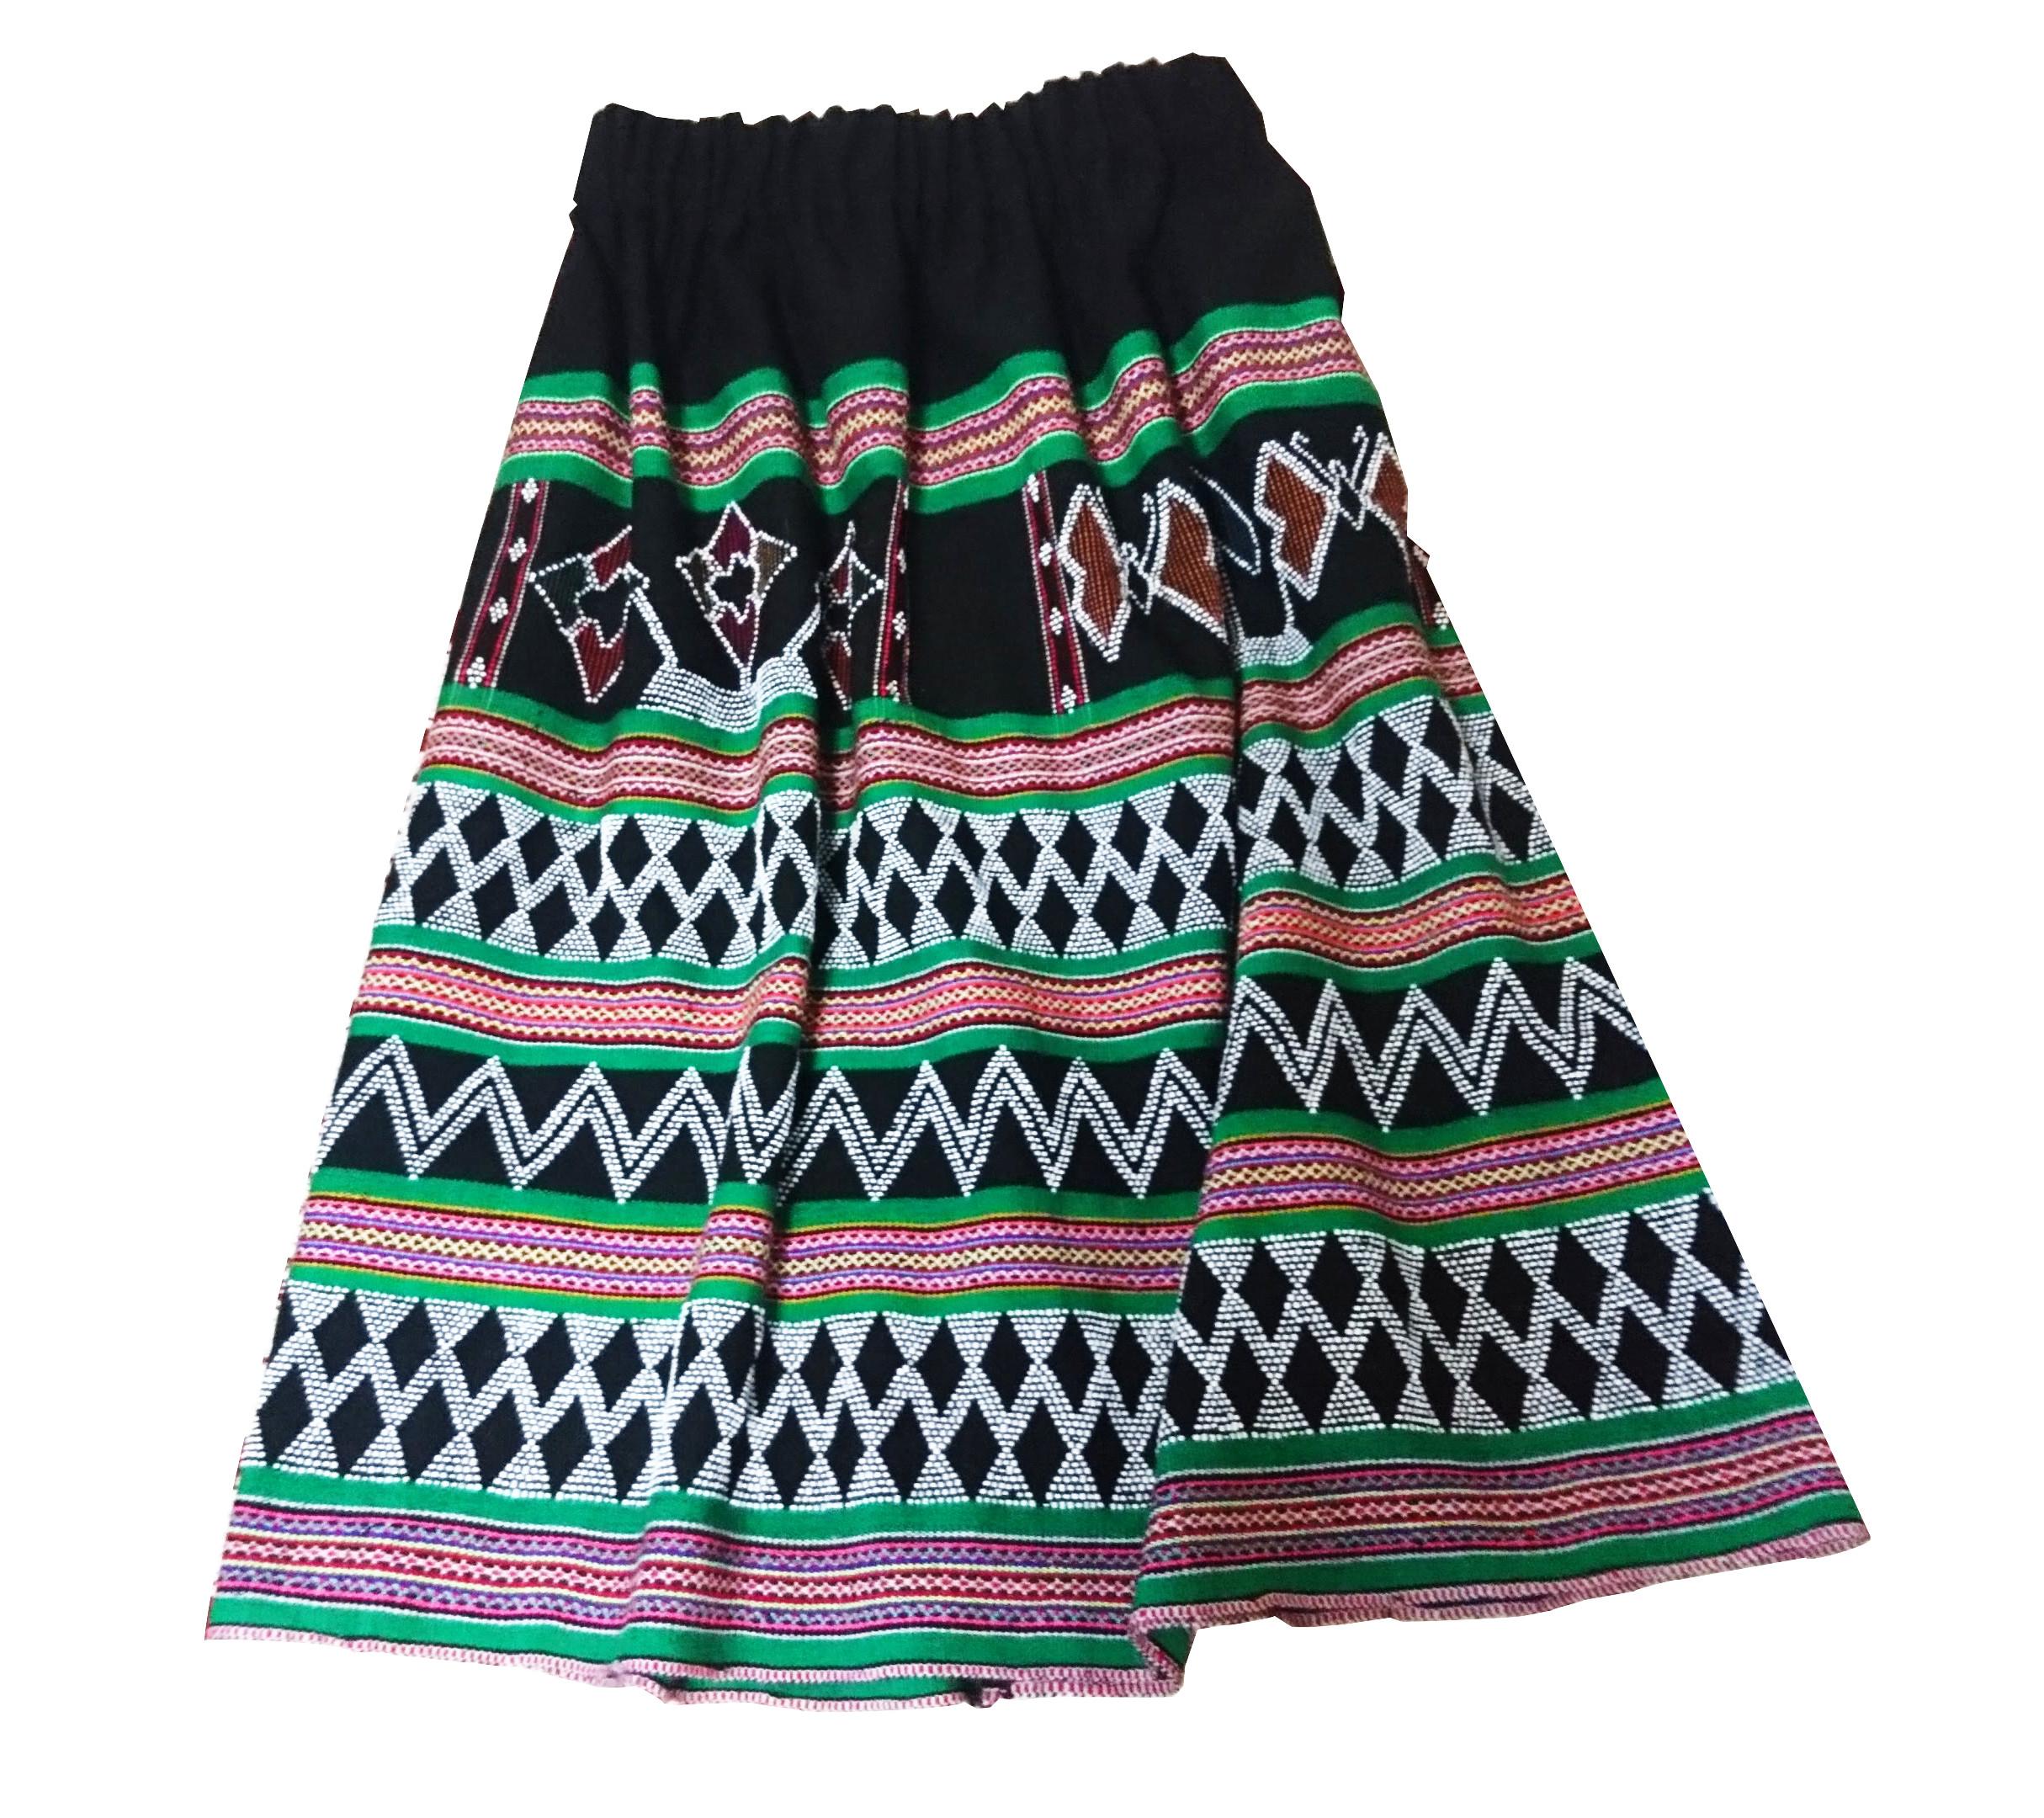 ターオイ族ビーズ入り手織りブロケード スカート(グリーンライン)(フリーサイズ)